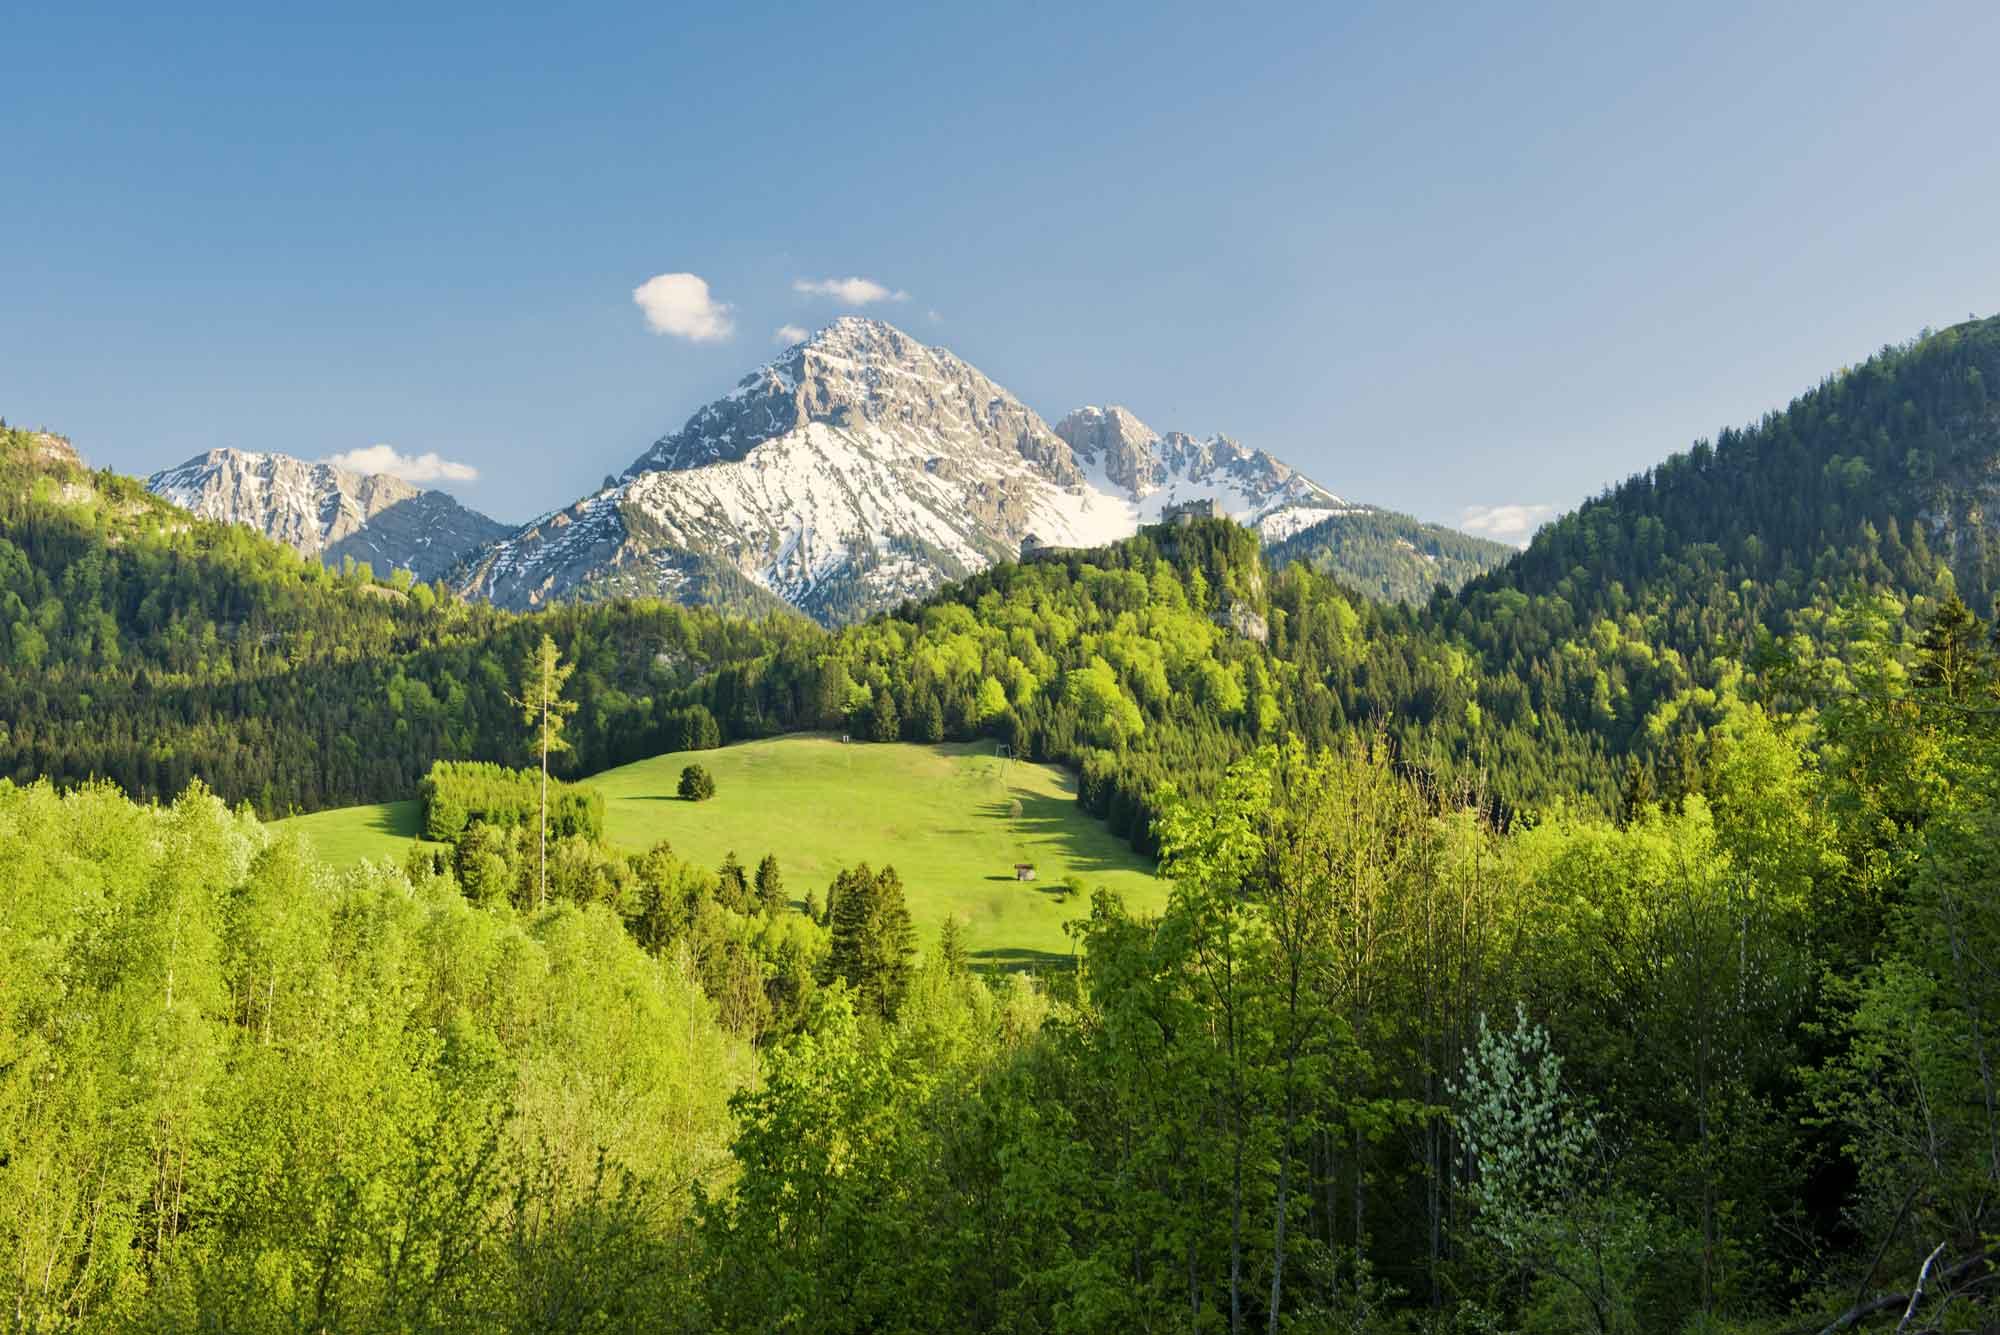 Burgenwelt Ehrenberg mit Thaneller im Frühjahr © Naturparkregion Reutte, Robert Eder